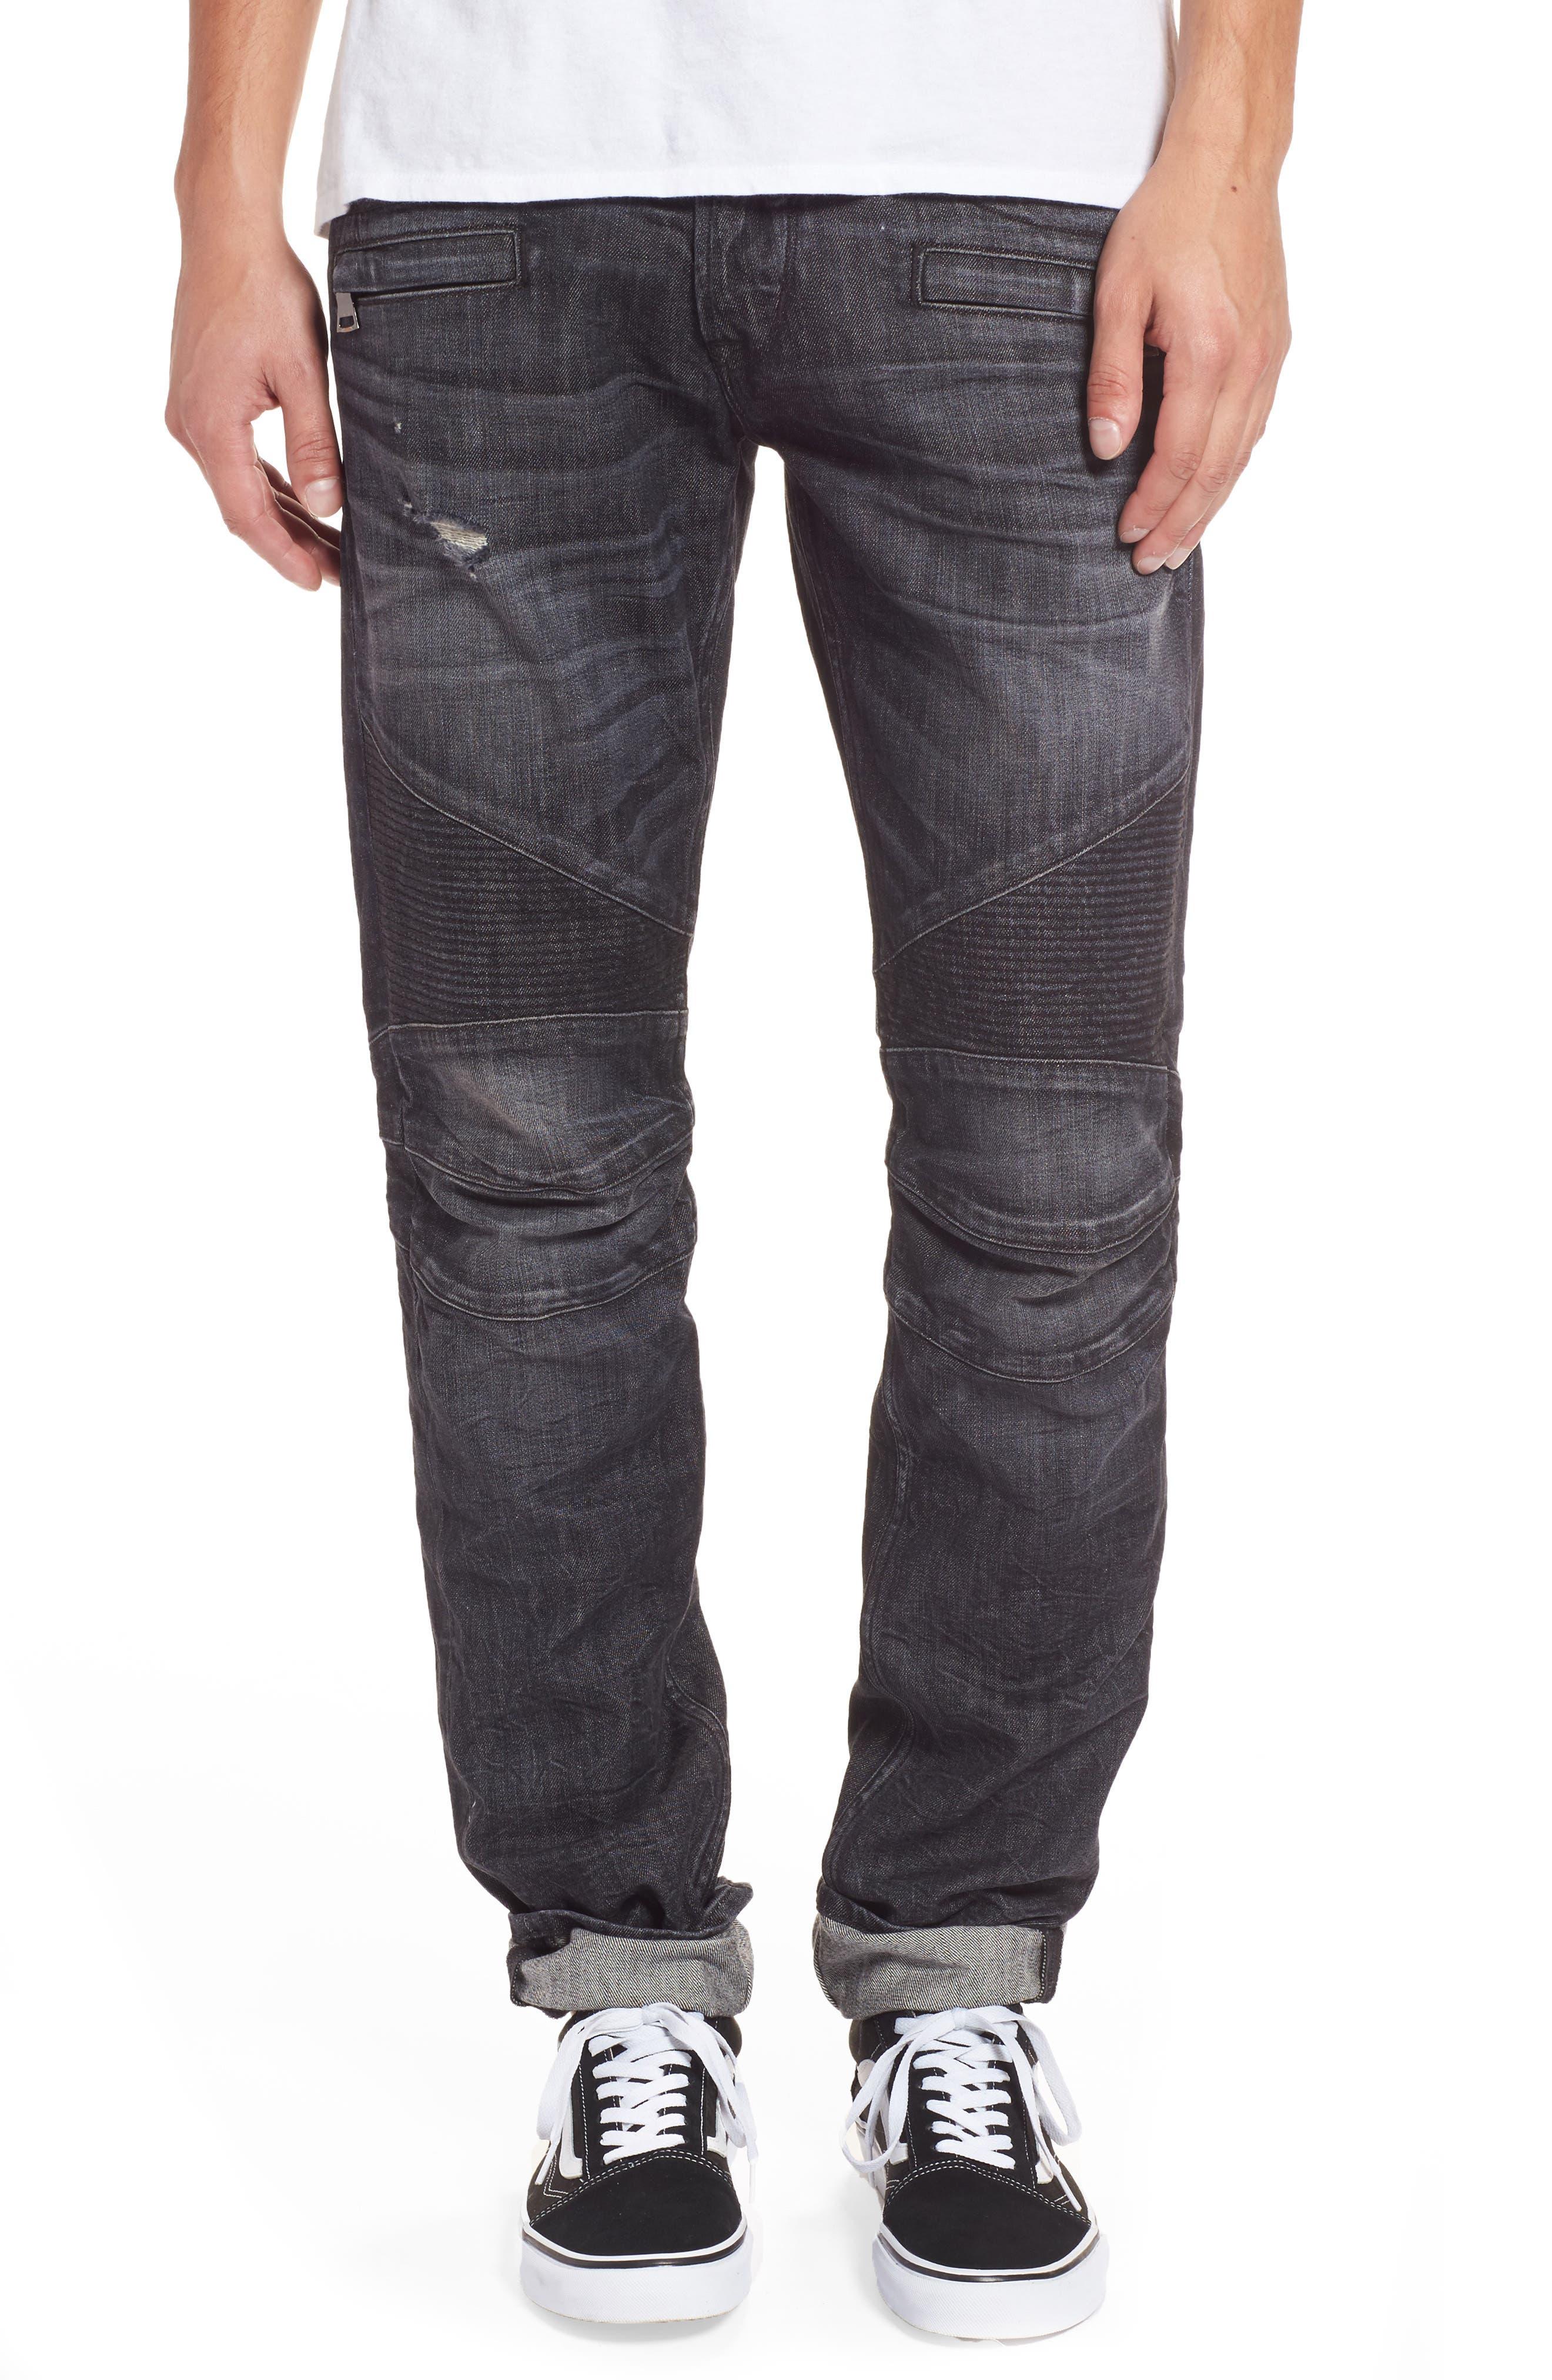 Blinder Biker Moto Skinny Fit Jeans,                         Main,                         color, Damage